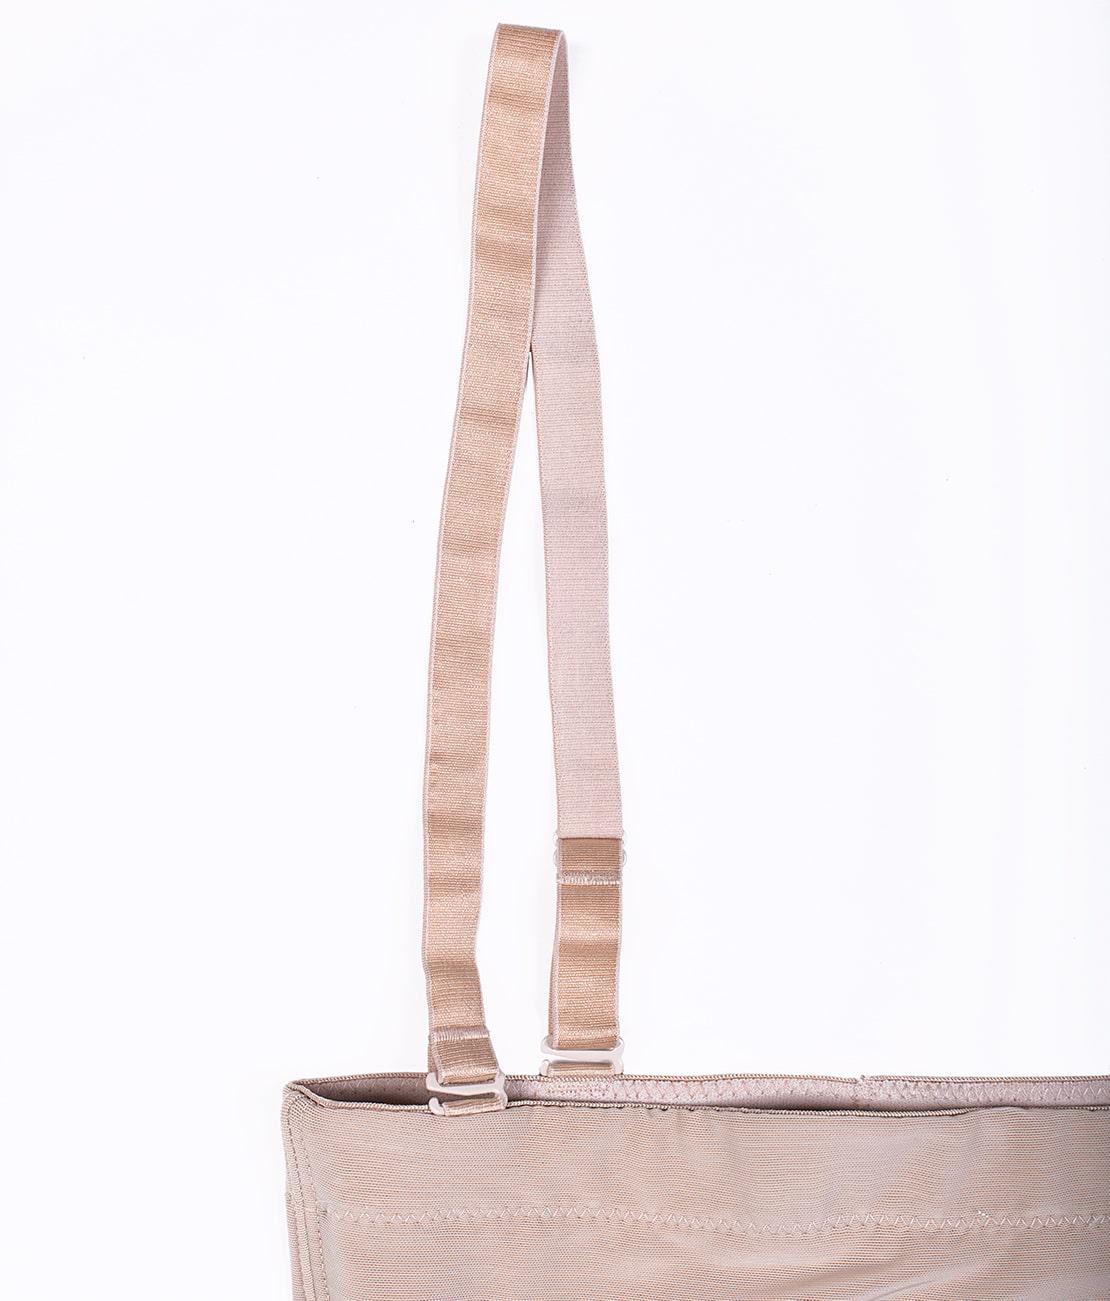 Panty Minceur Beige Packshot Detail 1